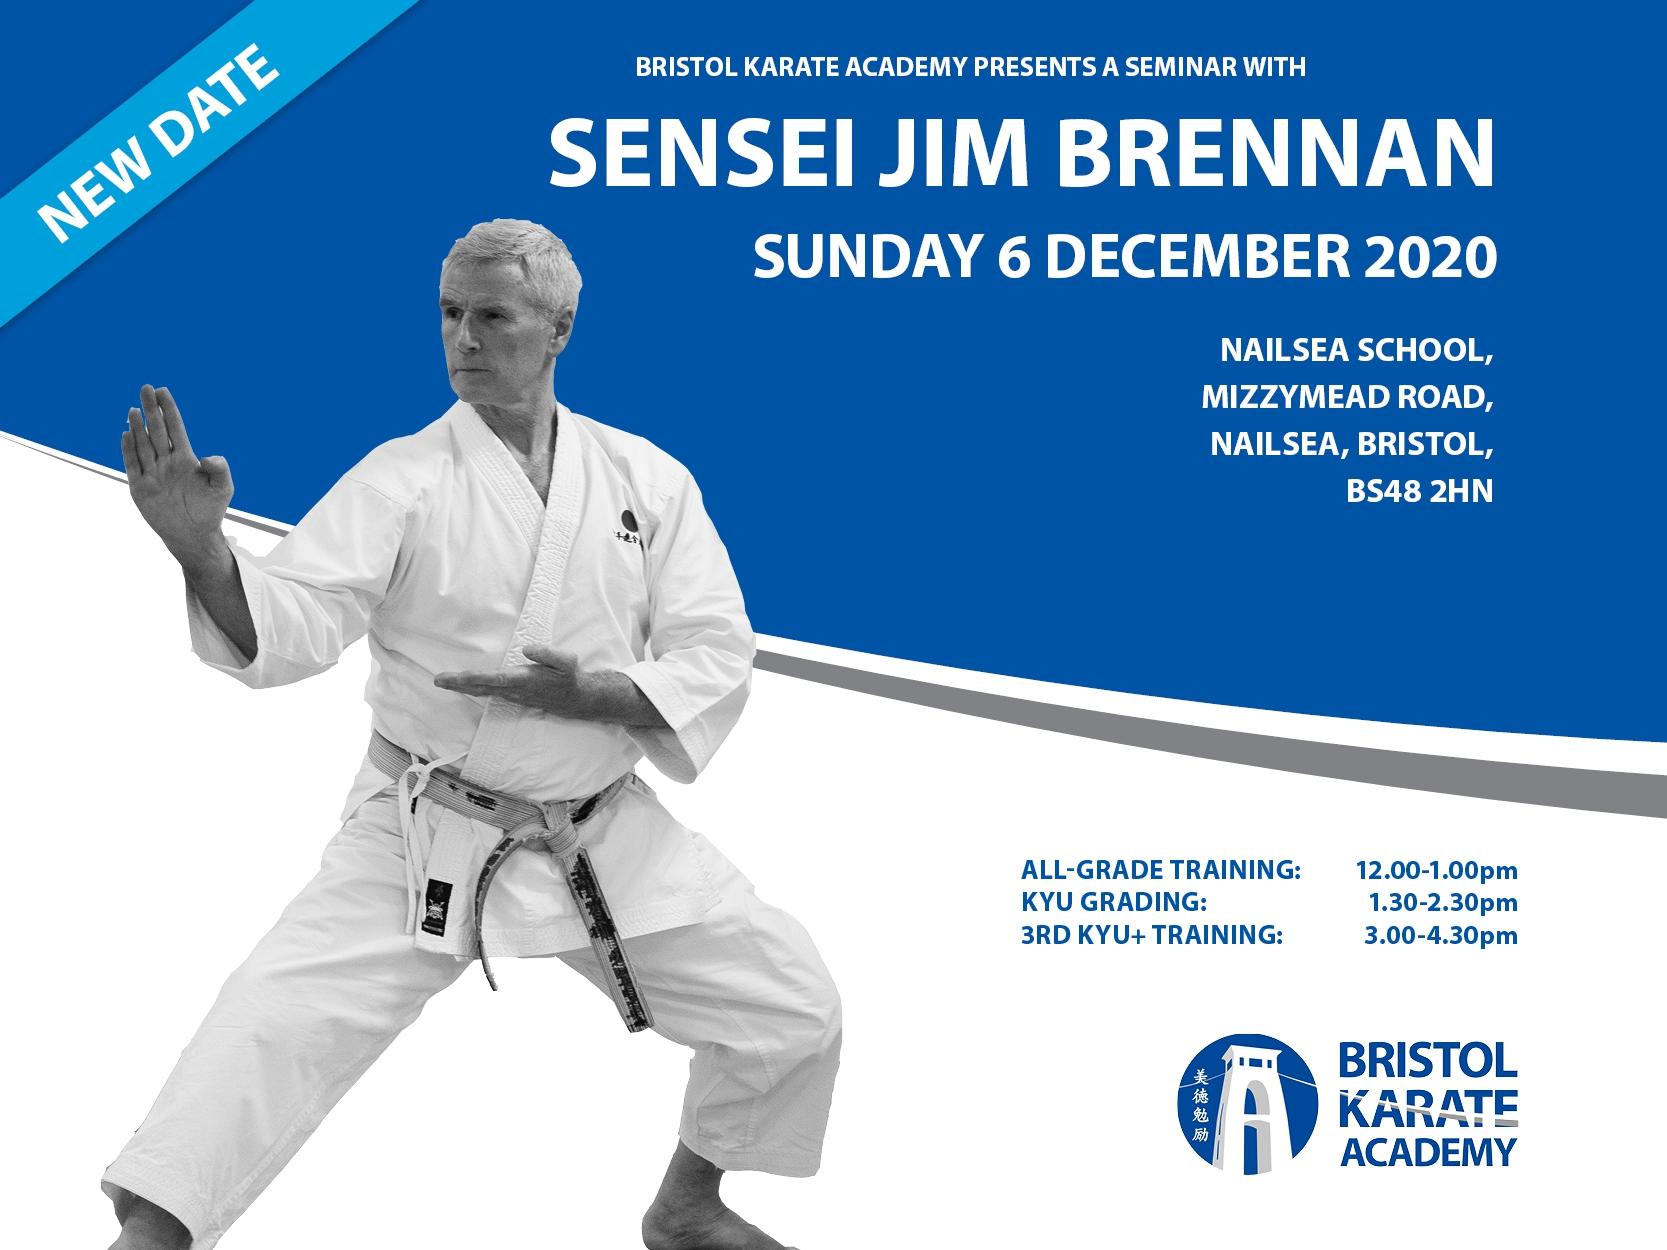 SENSEI JIMMY BRENNAN'S NEXT VISIT